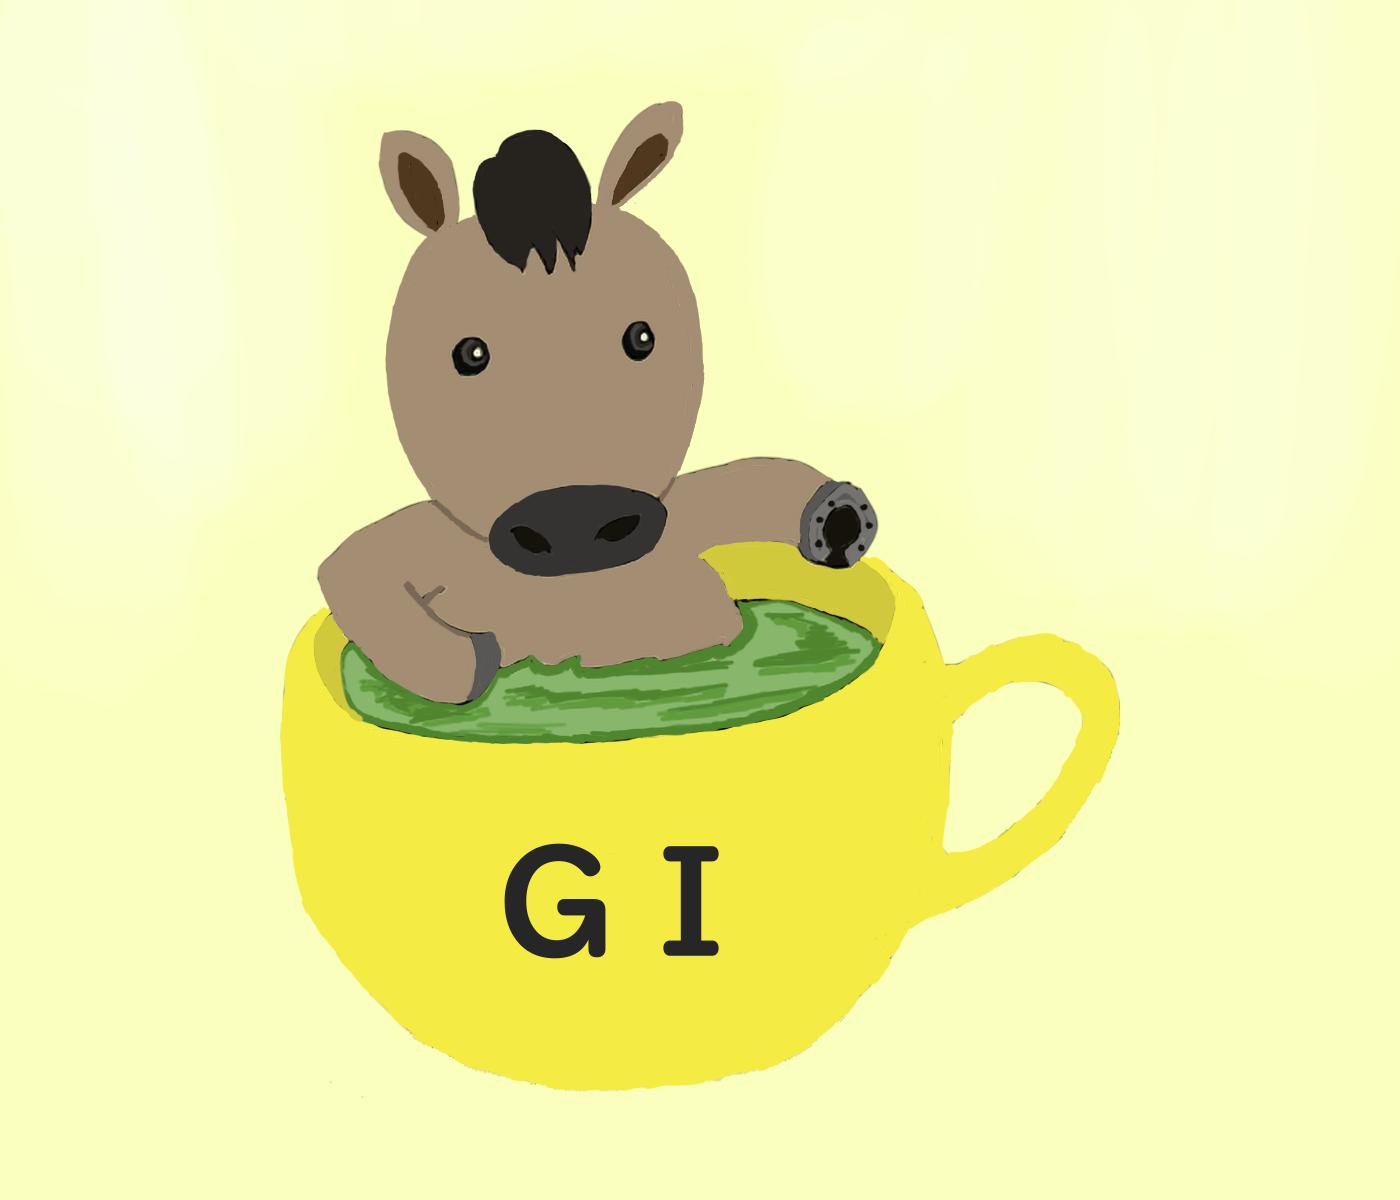 G1レース記事のアイキャッチ画像